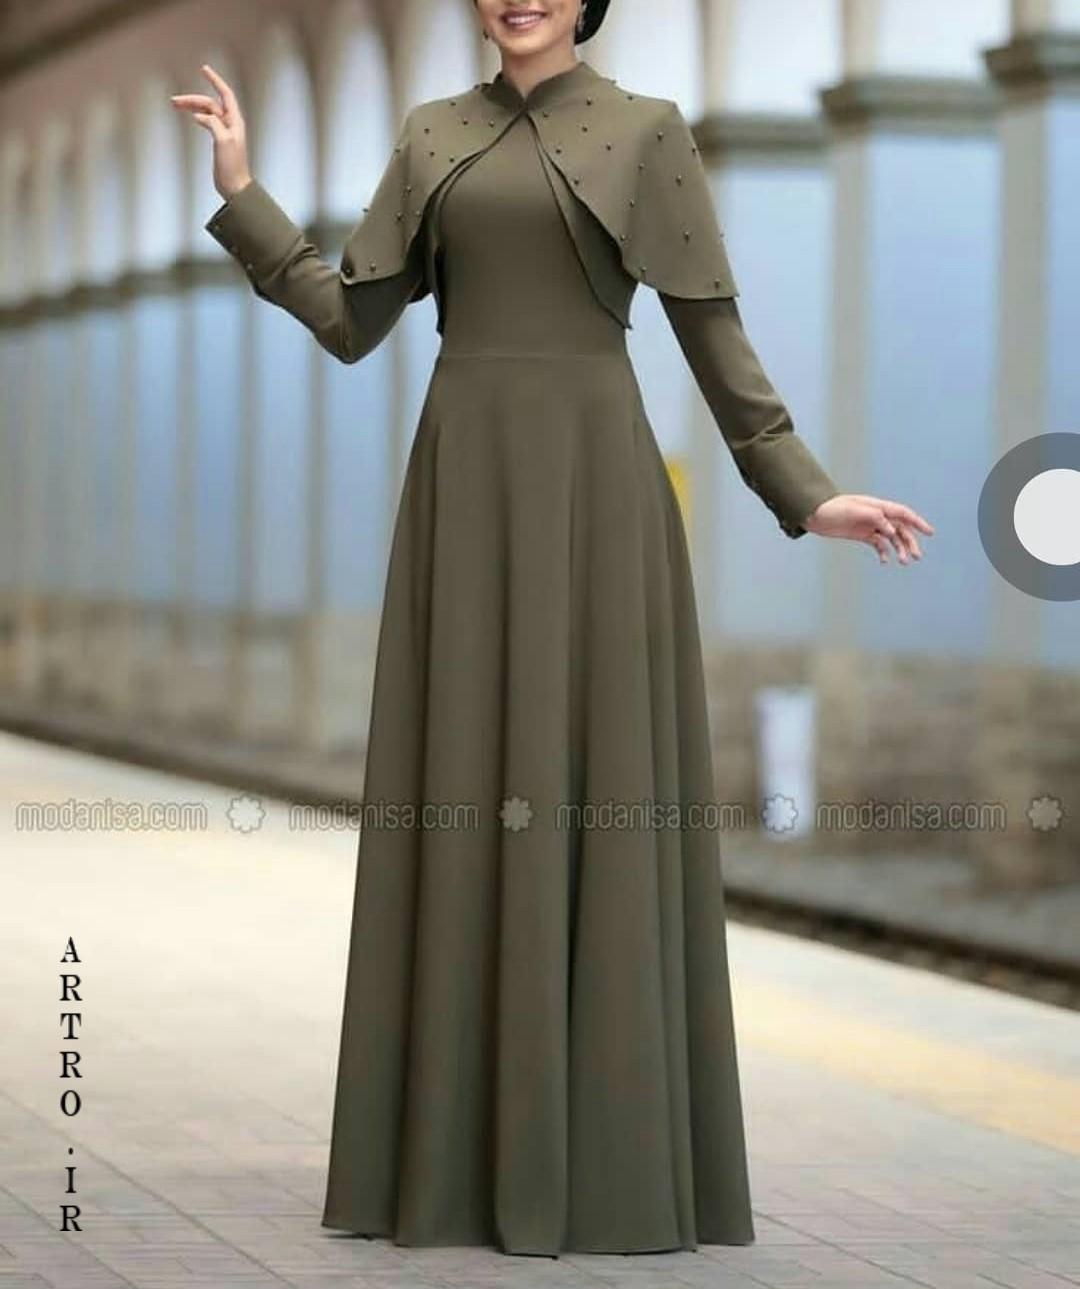 مدل مانتو عید بلند